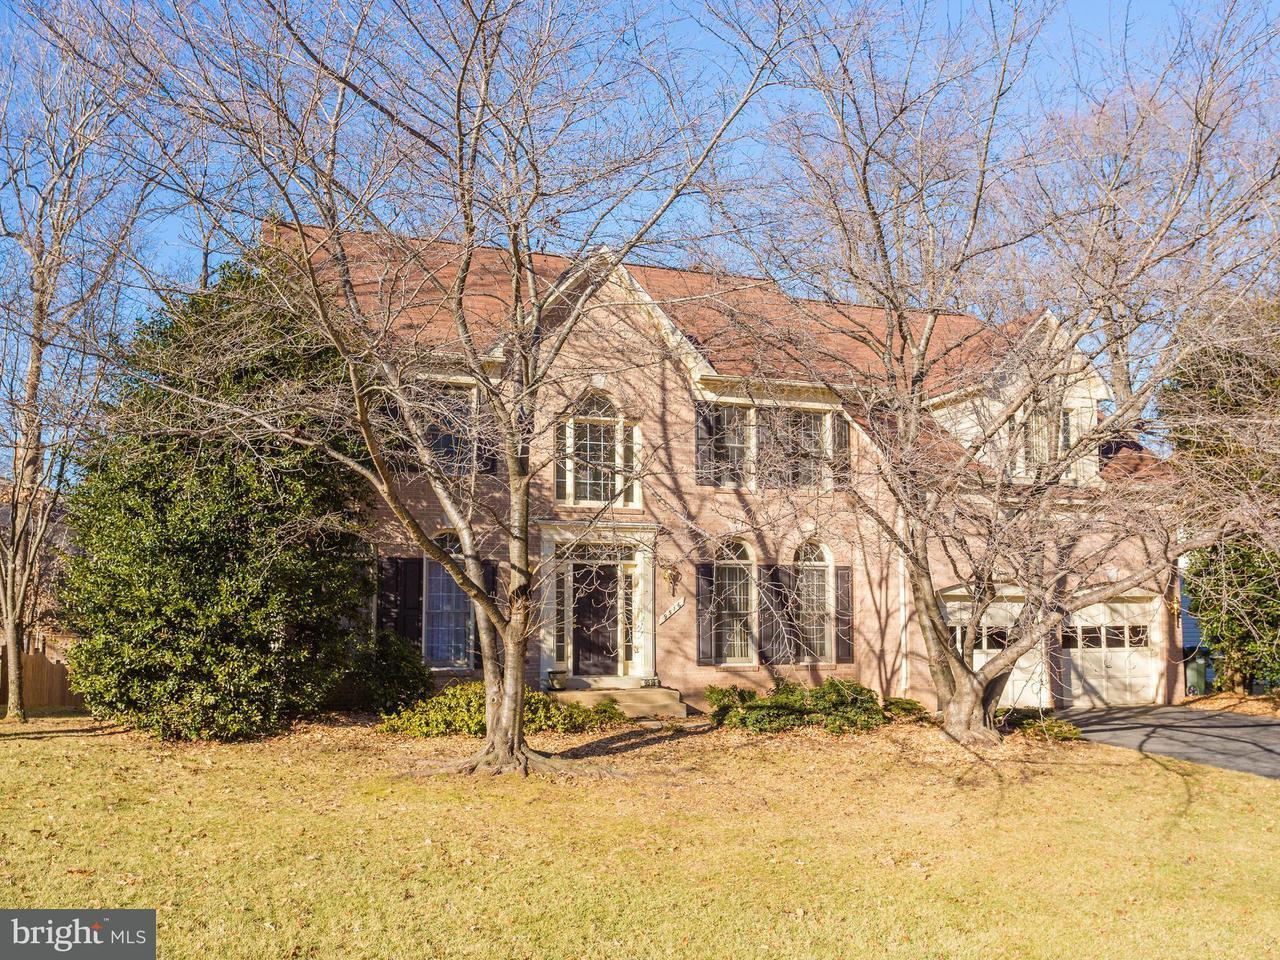 Μονοκατοικία για την Πώληση στο 9516 Claychin Court 9516 Claychin Court Burke, Βιρτζινια 22015 Ηνωμενεσ Πολιτειεσ